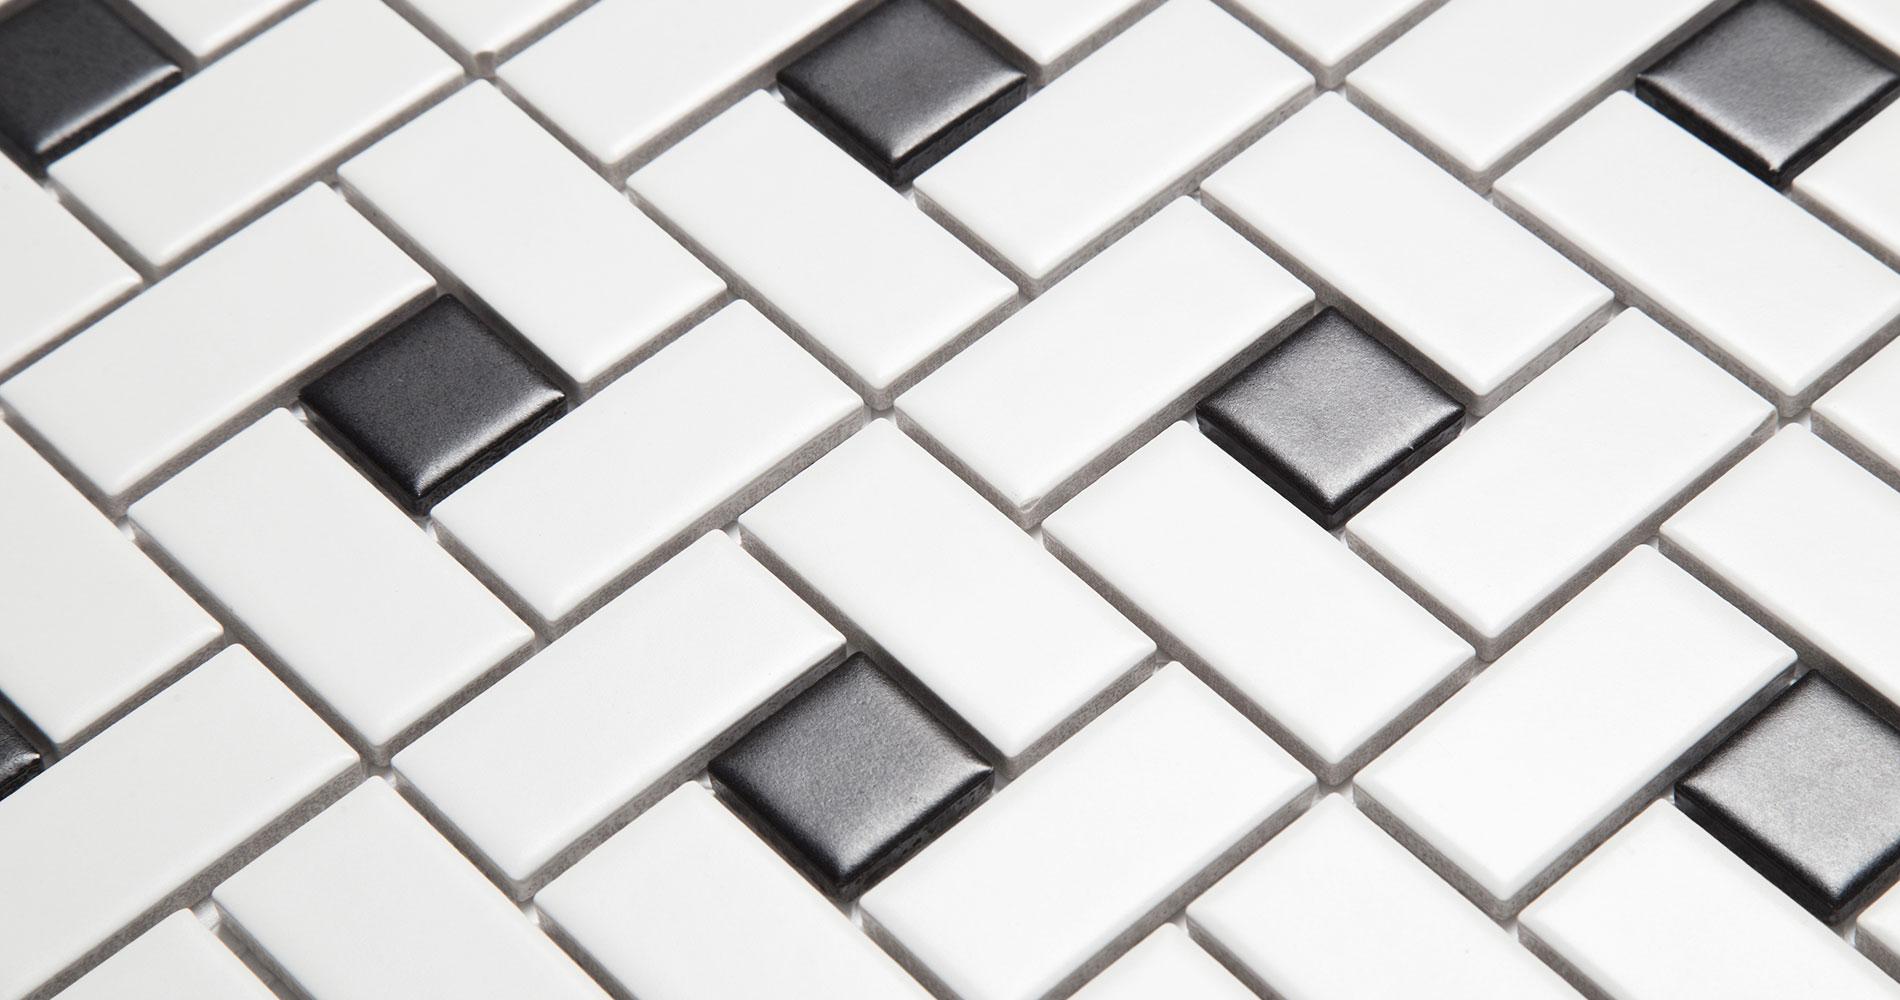 Century-Mosaic-Ceramic-Basketweave-Mosaic-Tile-Collection-2